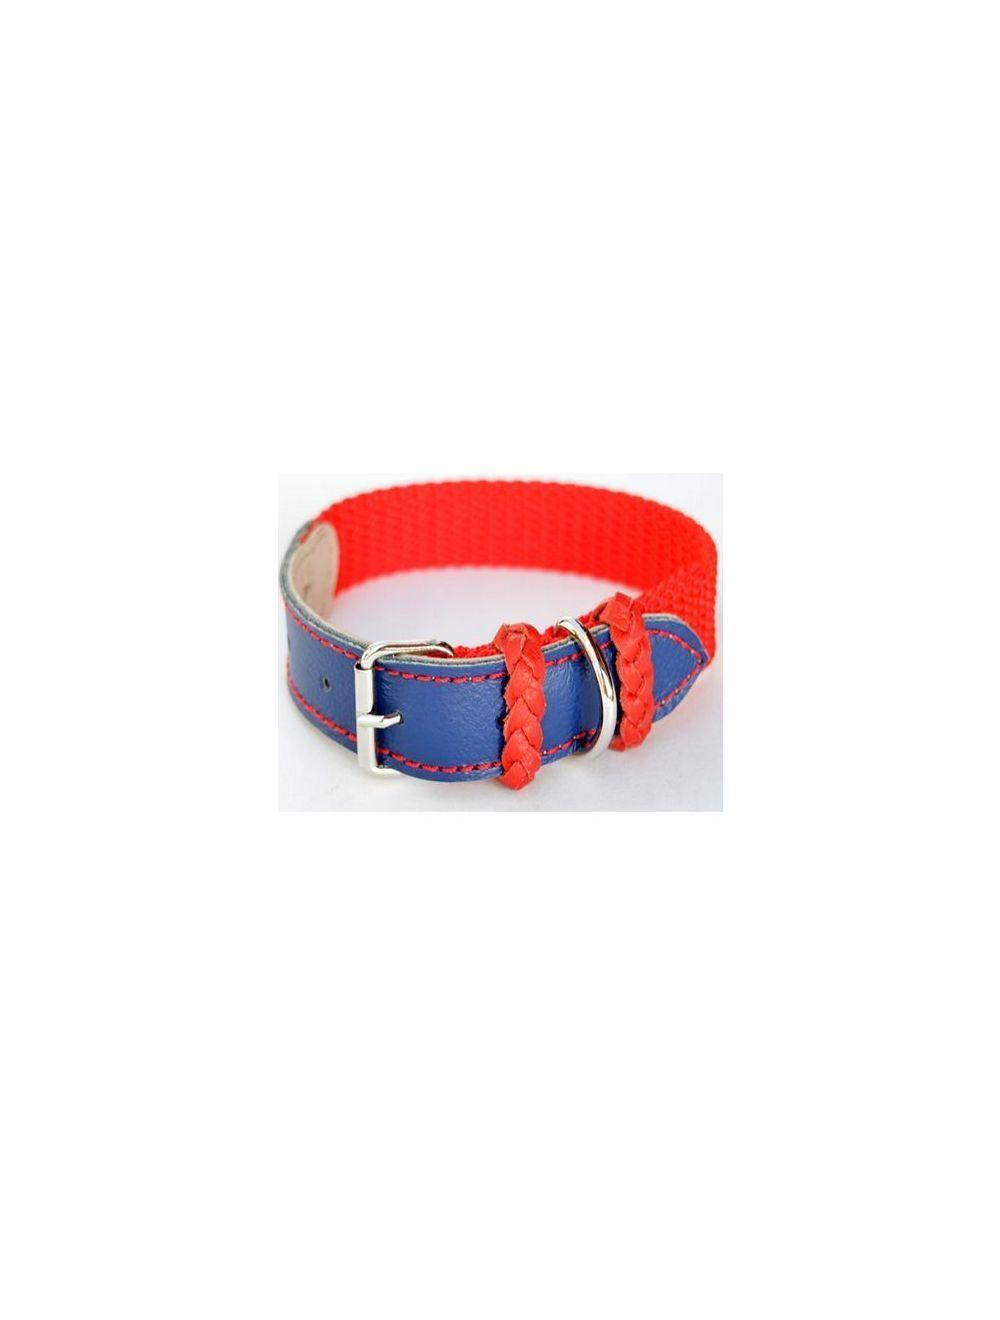 Collar Ciudaddemascotas Rojo y Azul Talla S - PRSR